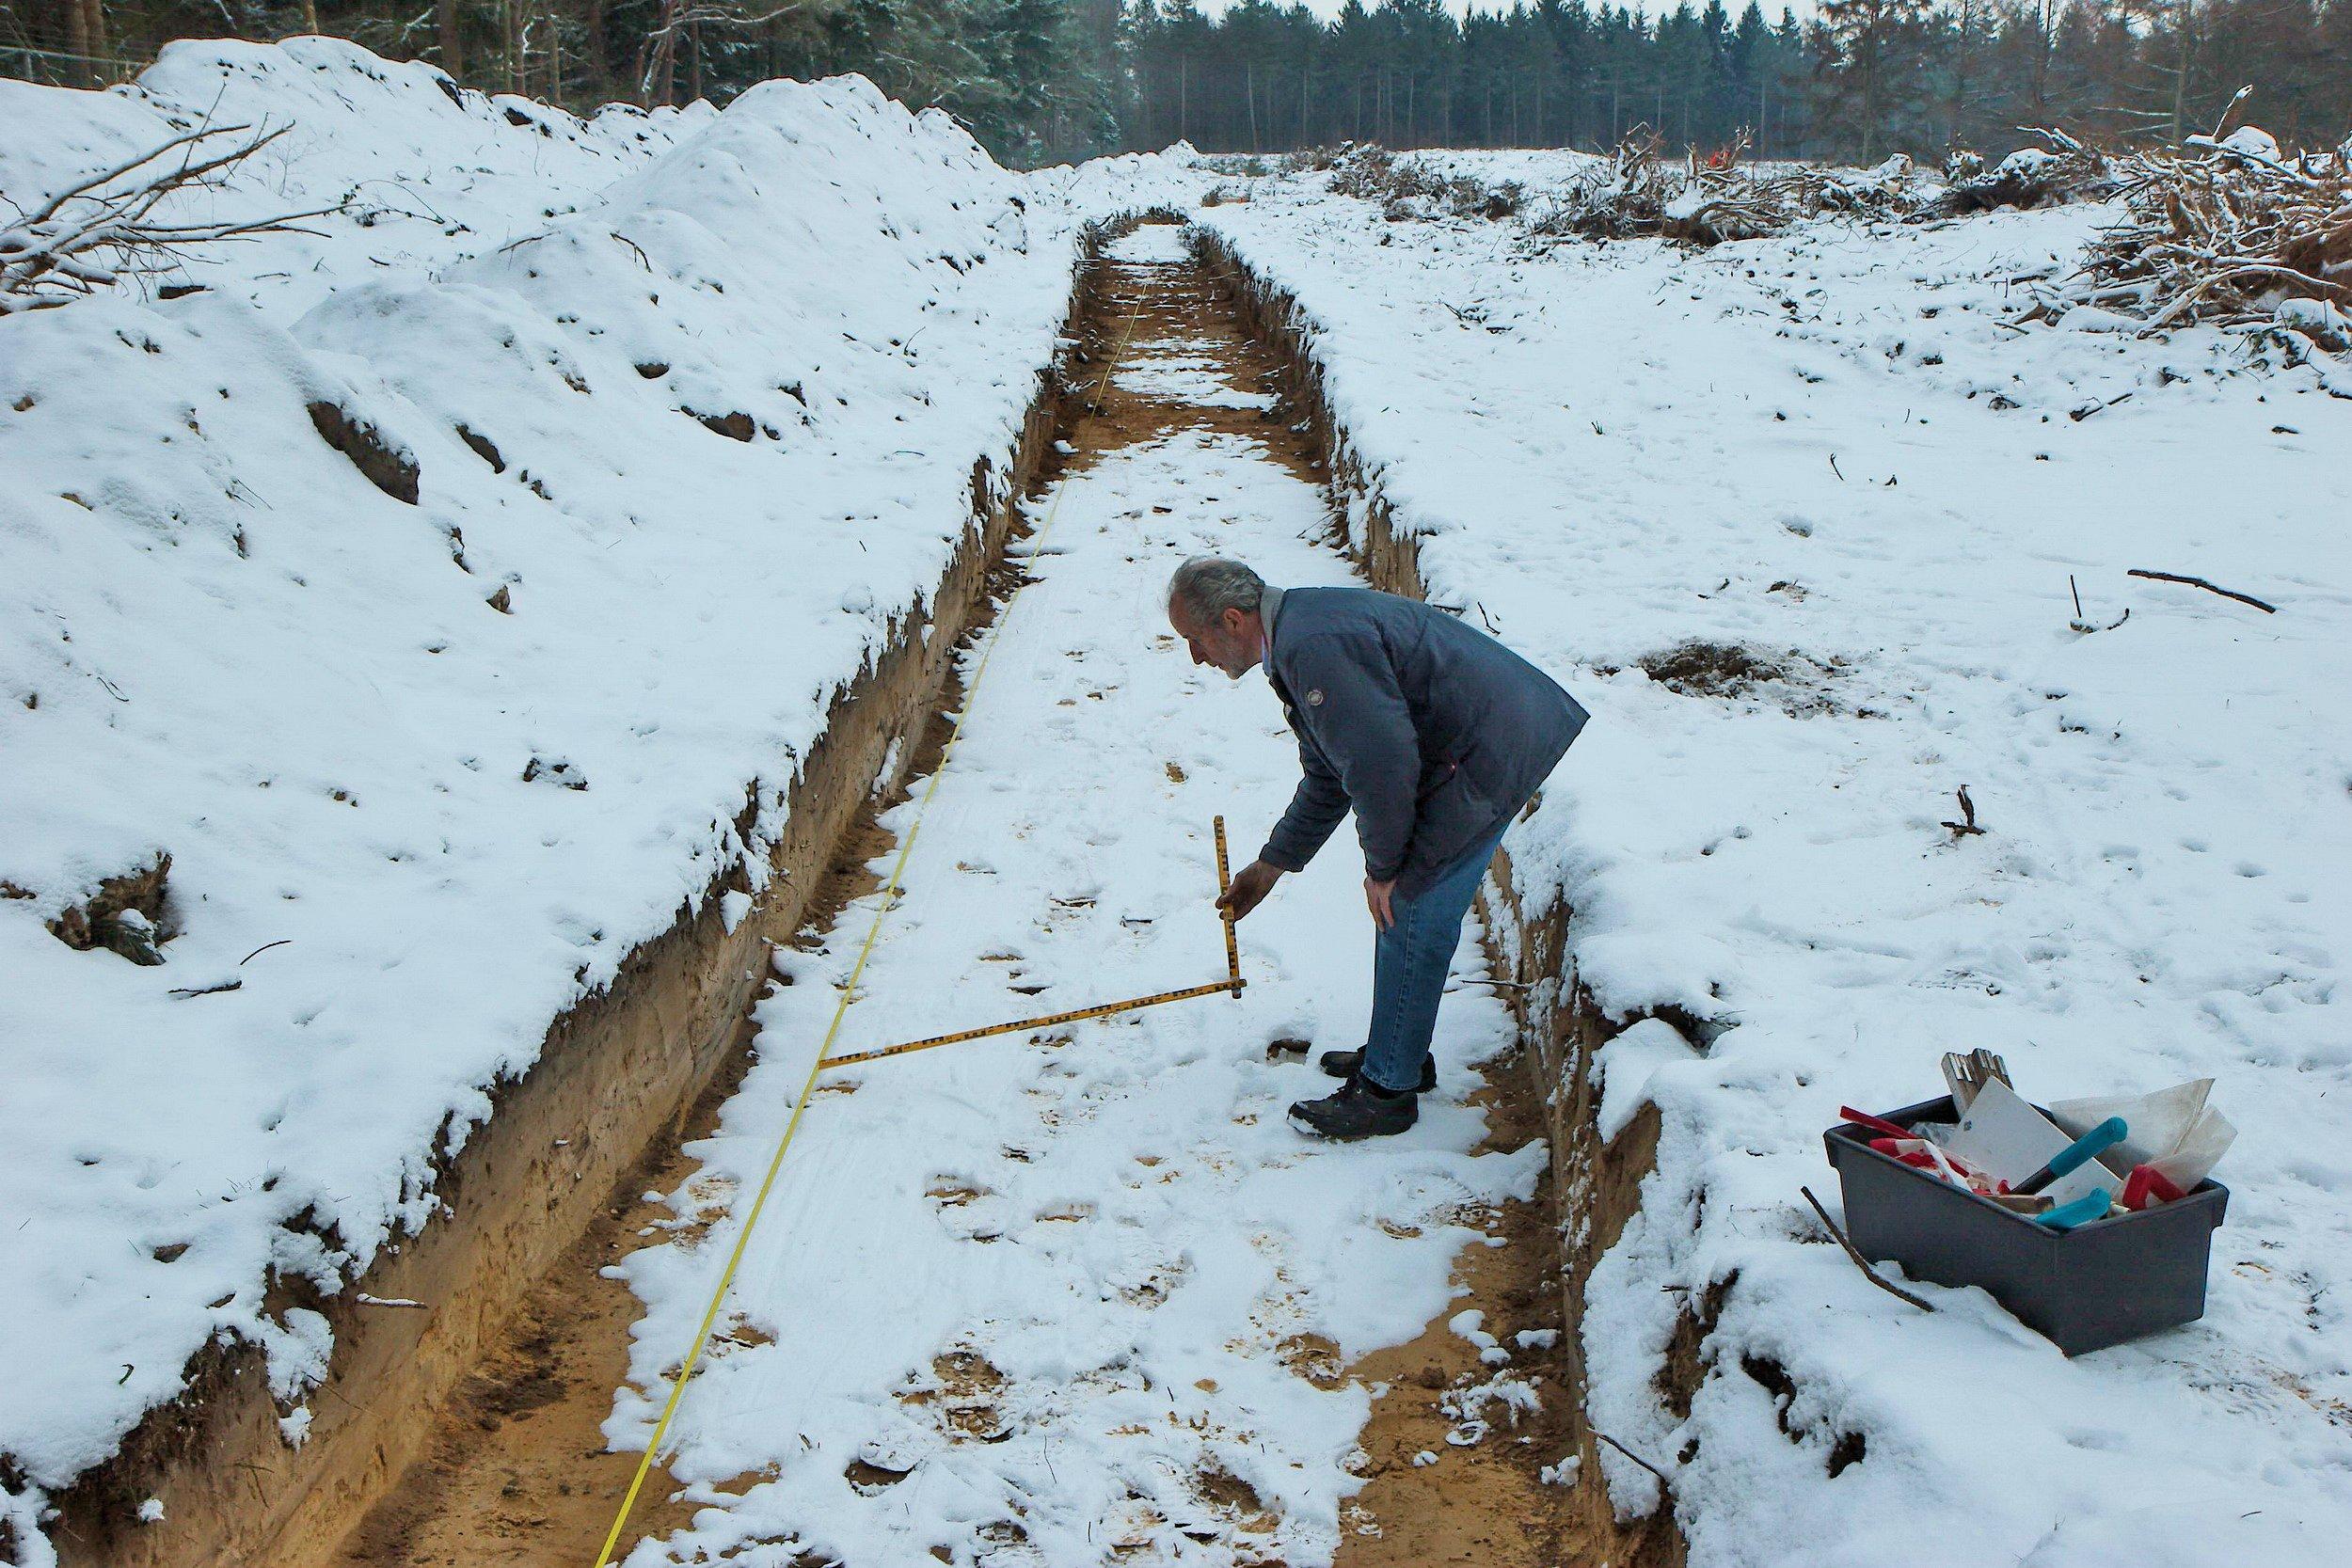 Opgraving Rusthof - Meer sneeuw dan sporen